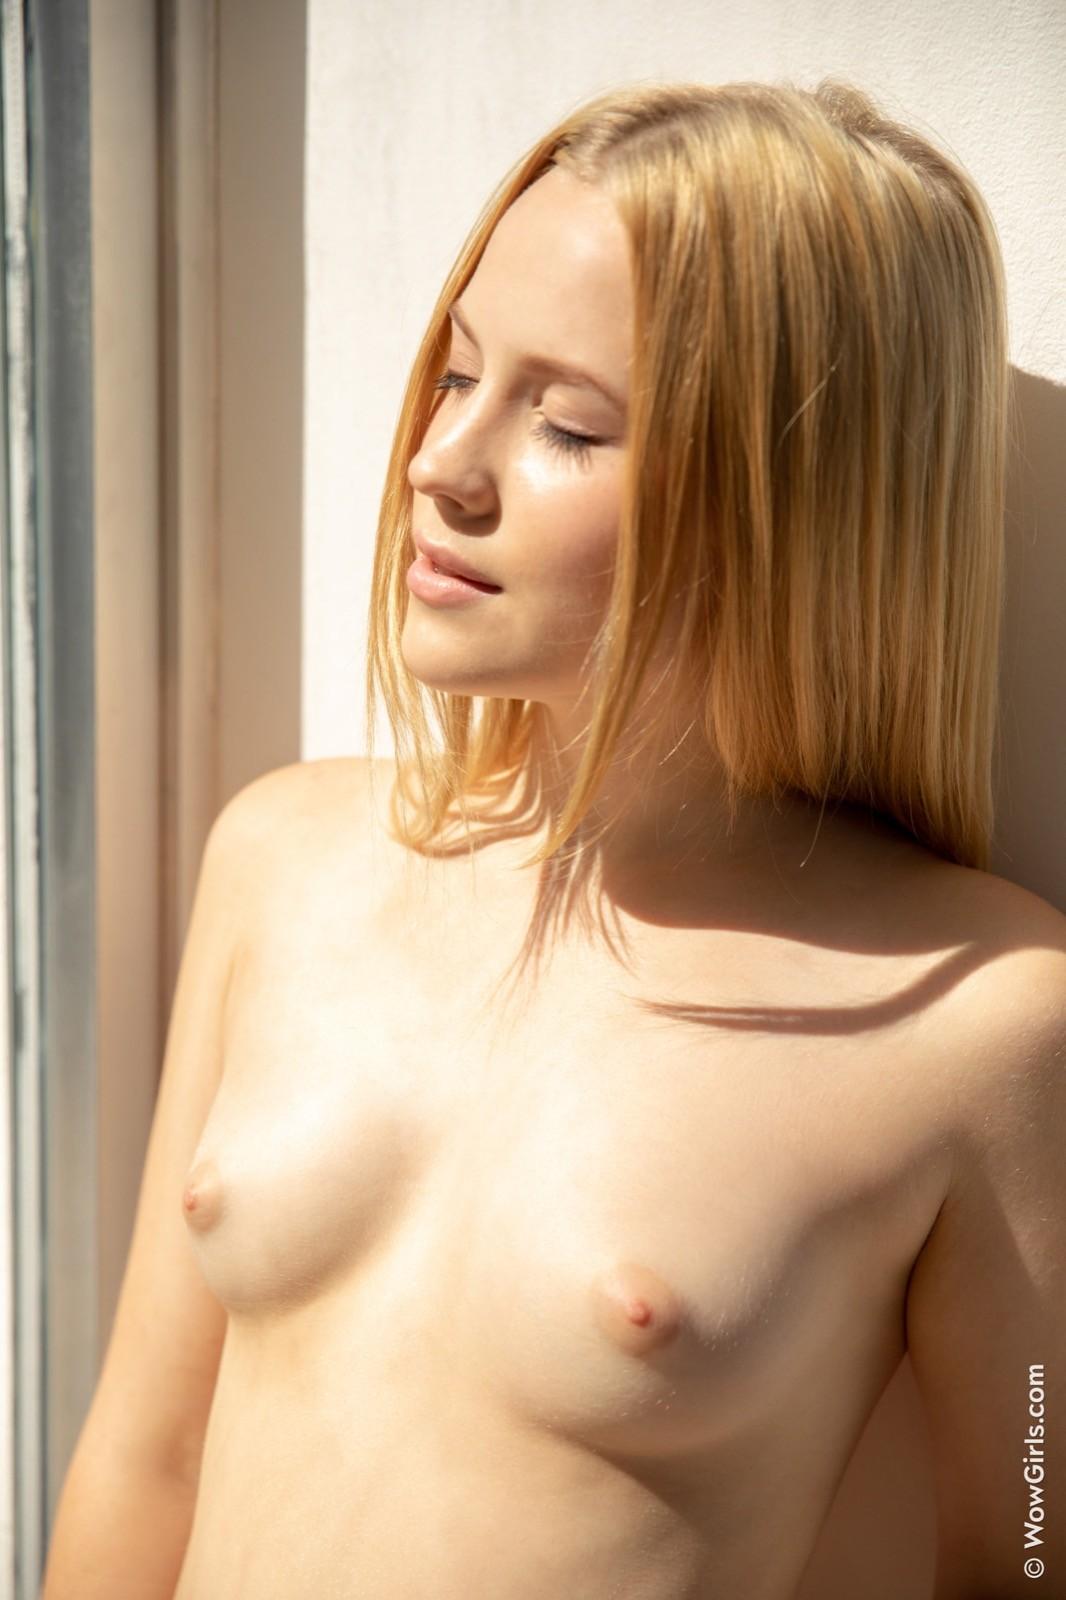 Симпатичная голая блондинка с сочной попой - фото